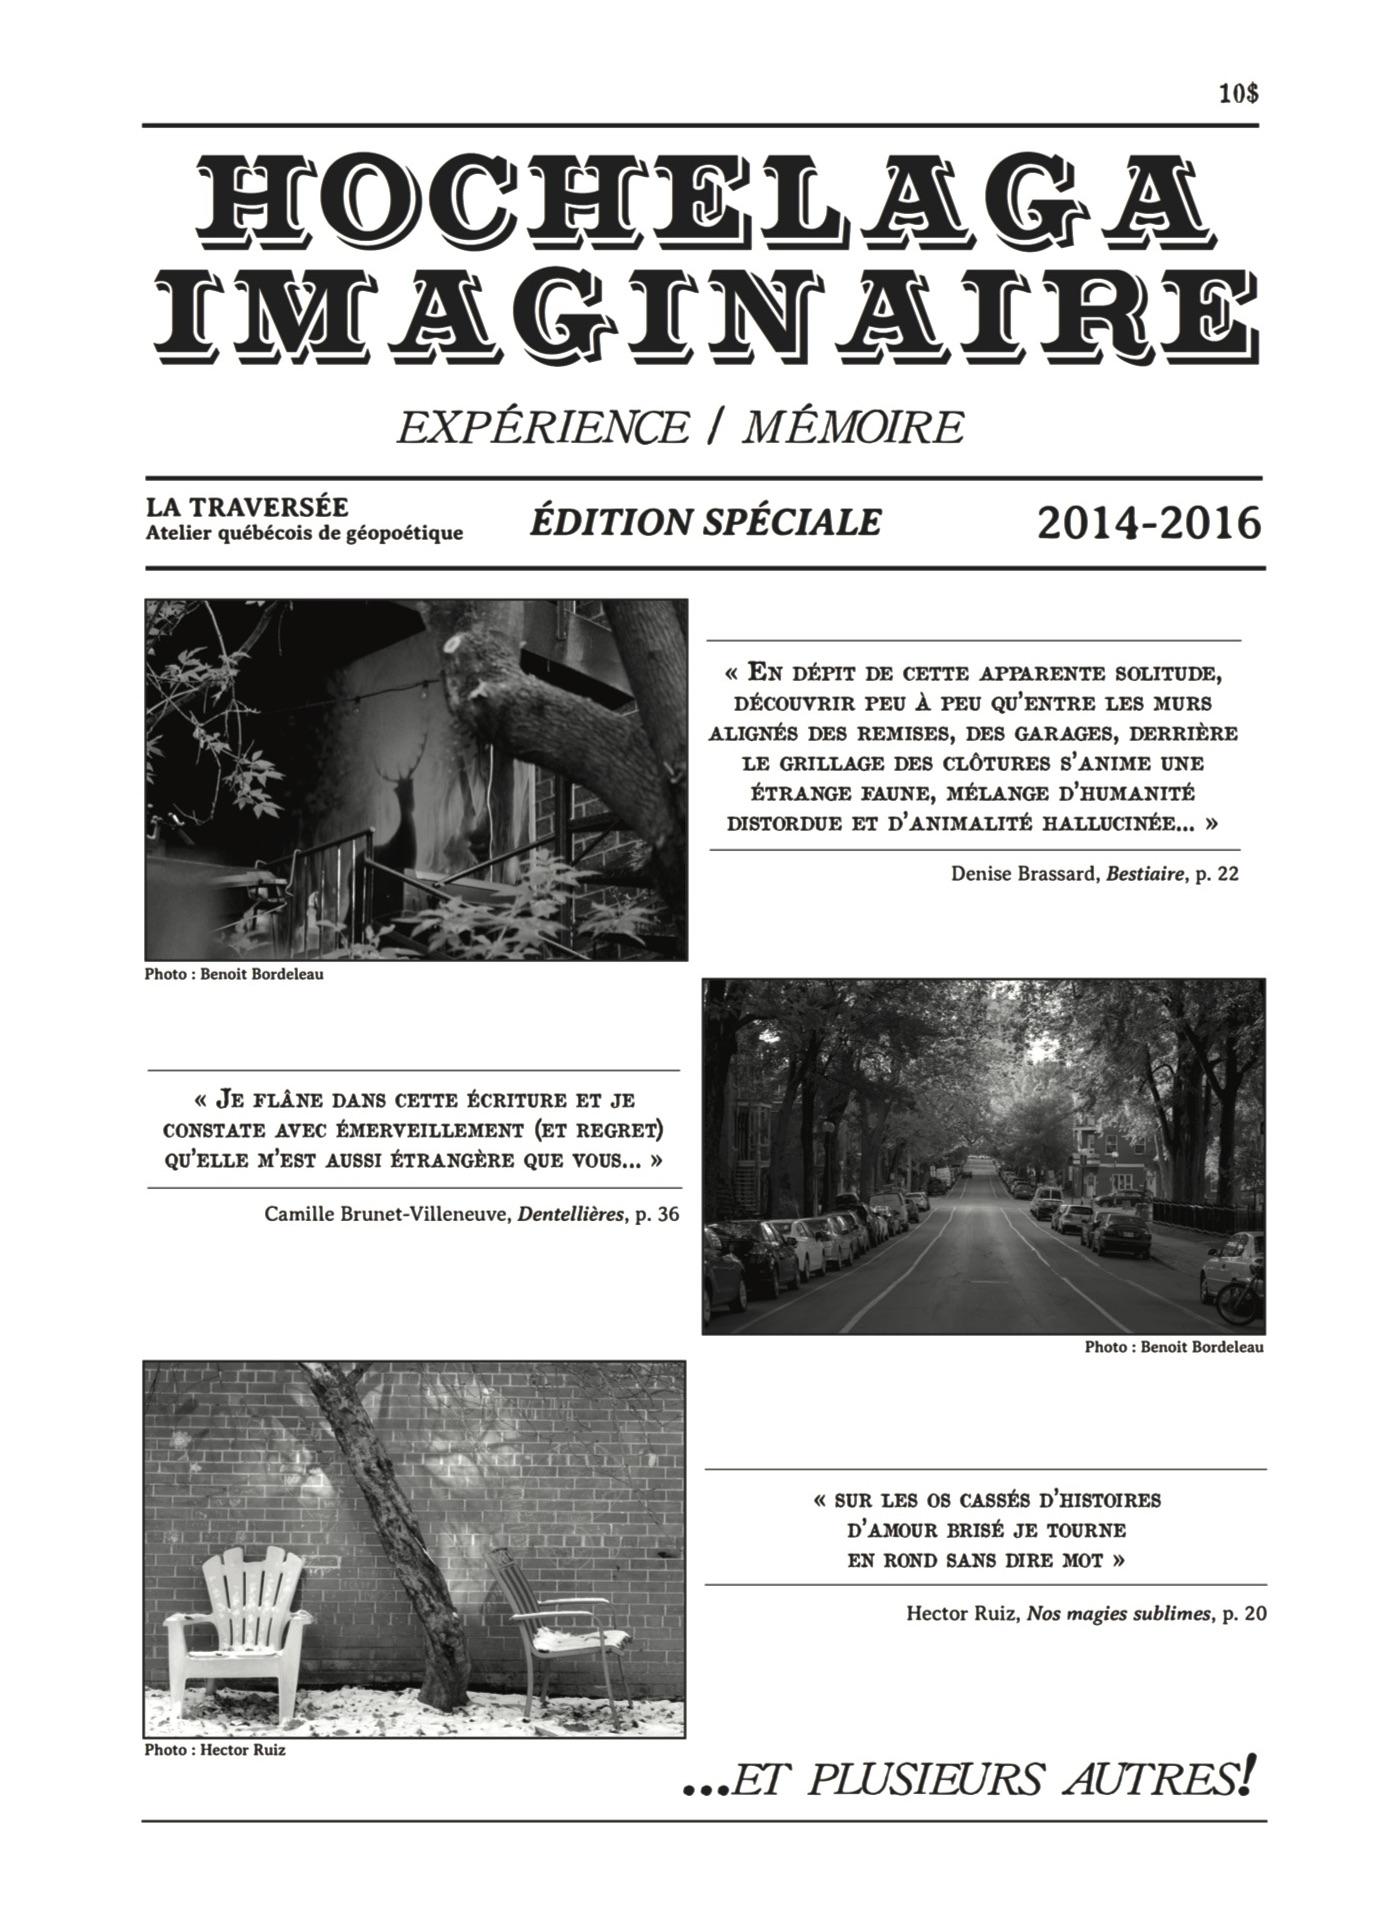 Lancement_Hochelagaimaginaire_affiche_0